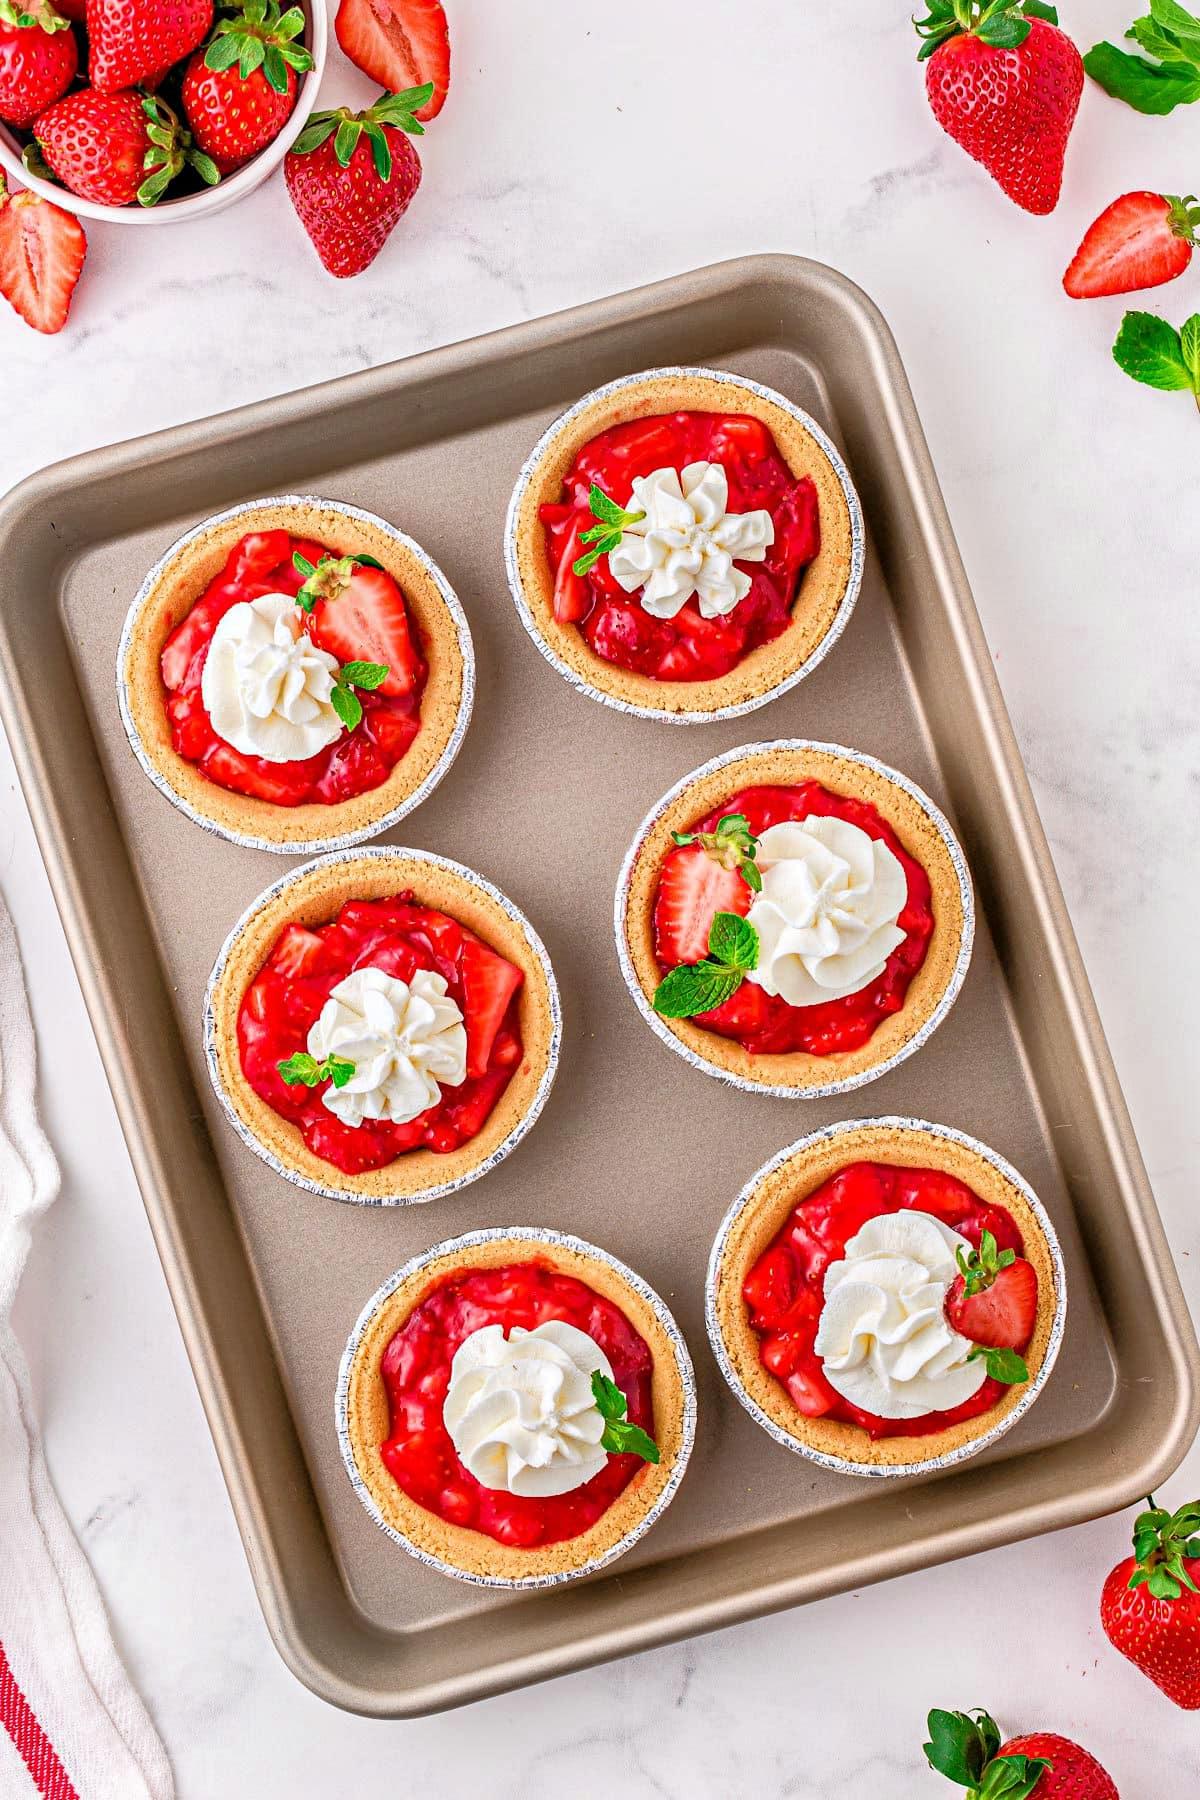 six mini strawberry pies on a baking sheet.